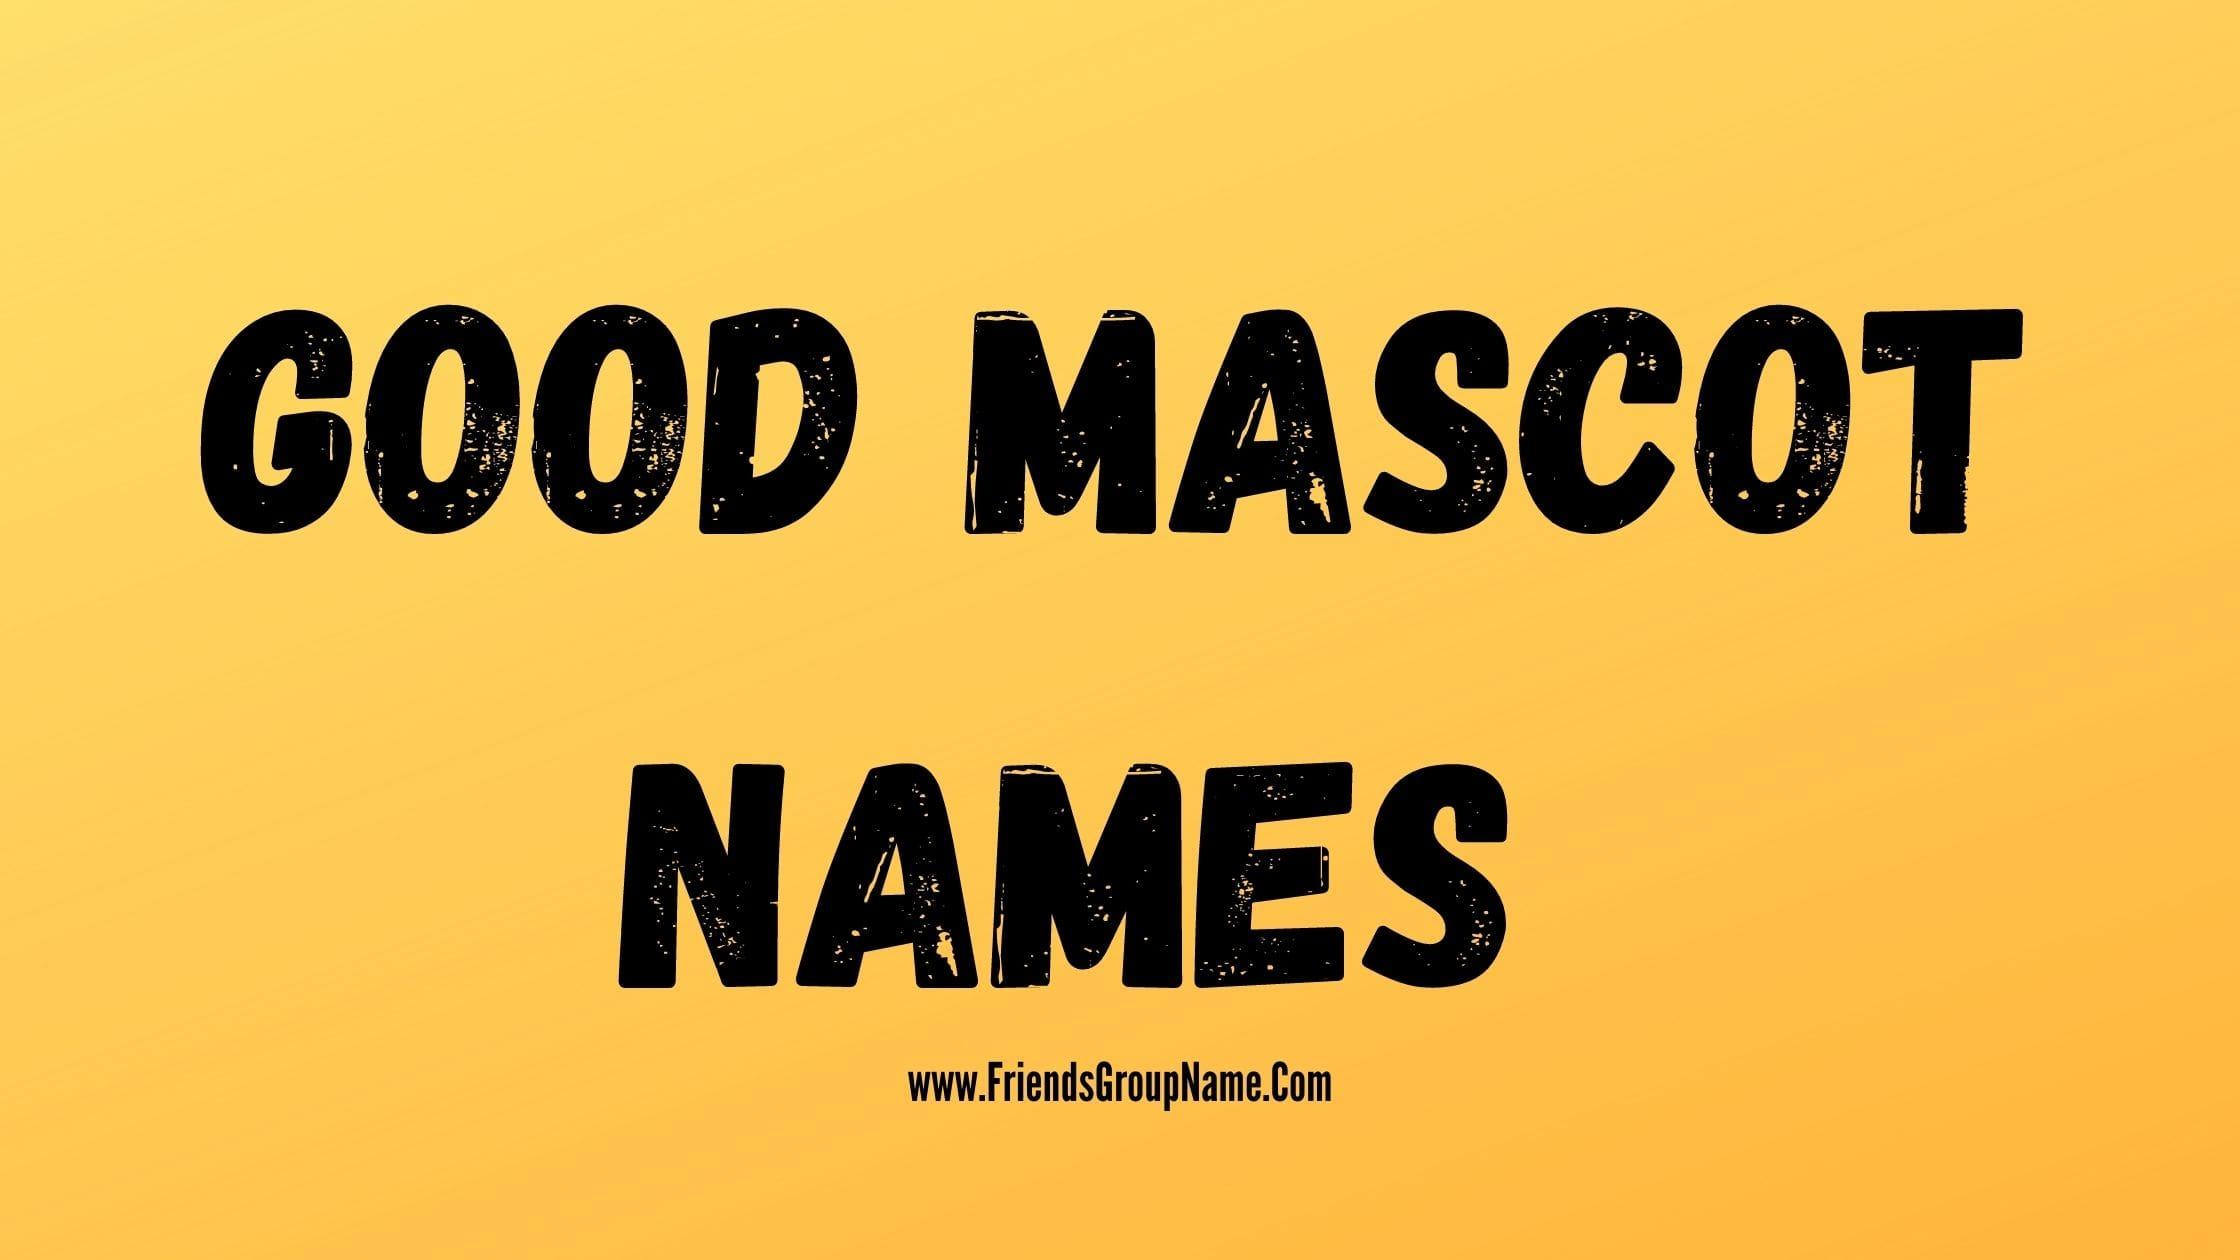 Good Mascot Names